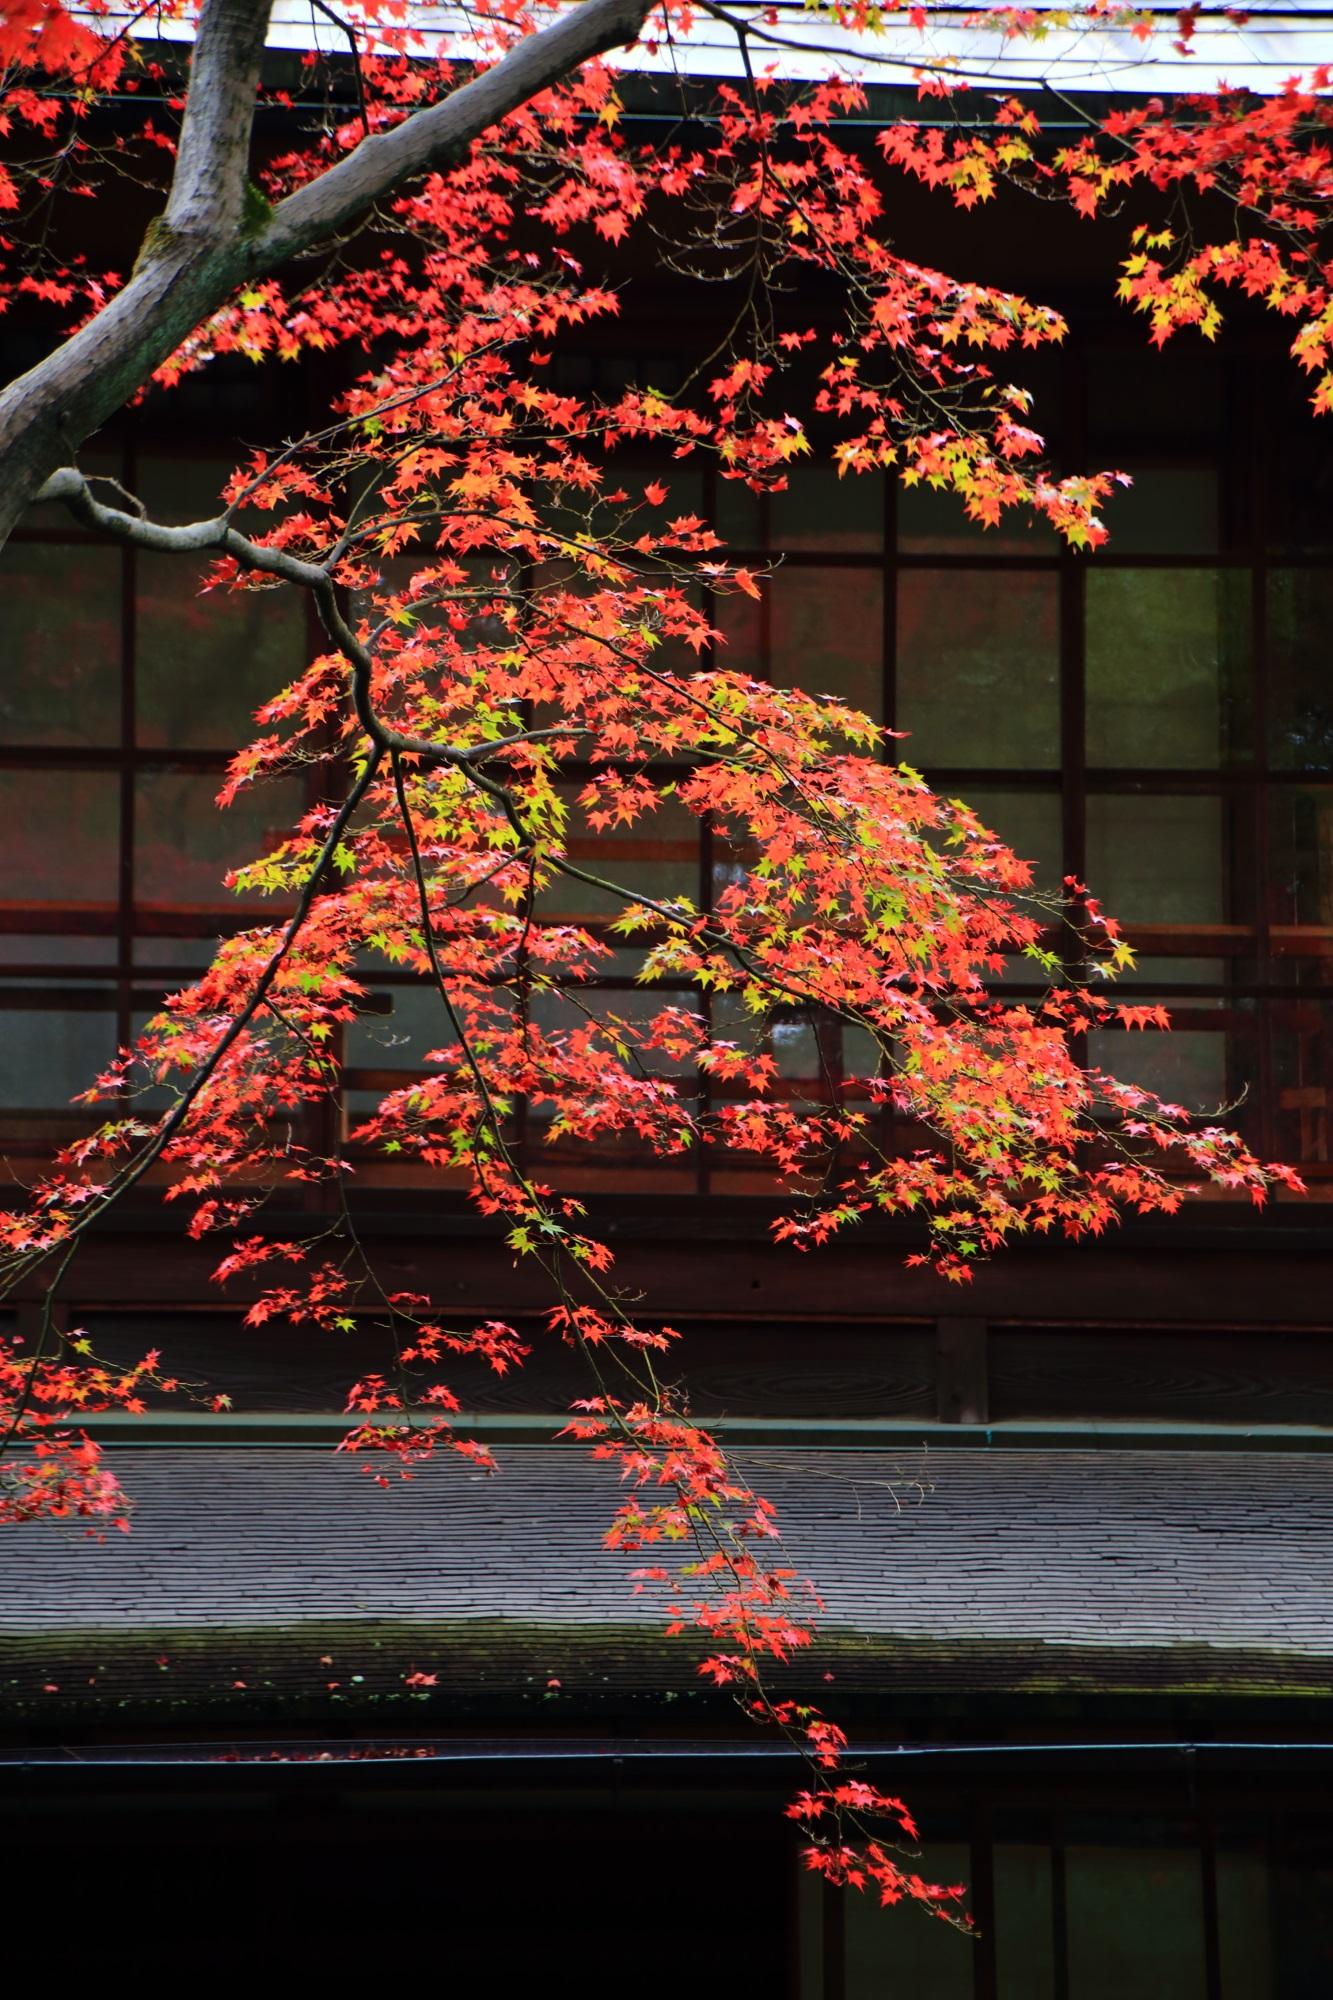 秋風に揺らめく赤や黄緑のグラデーションもみじ